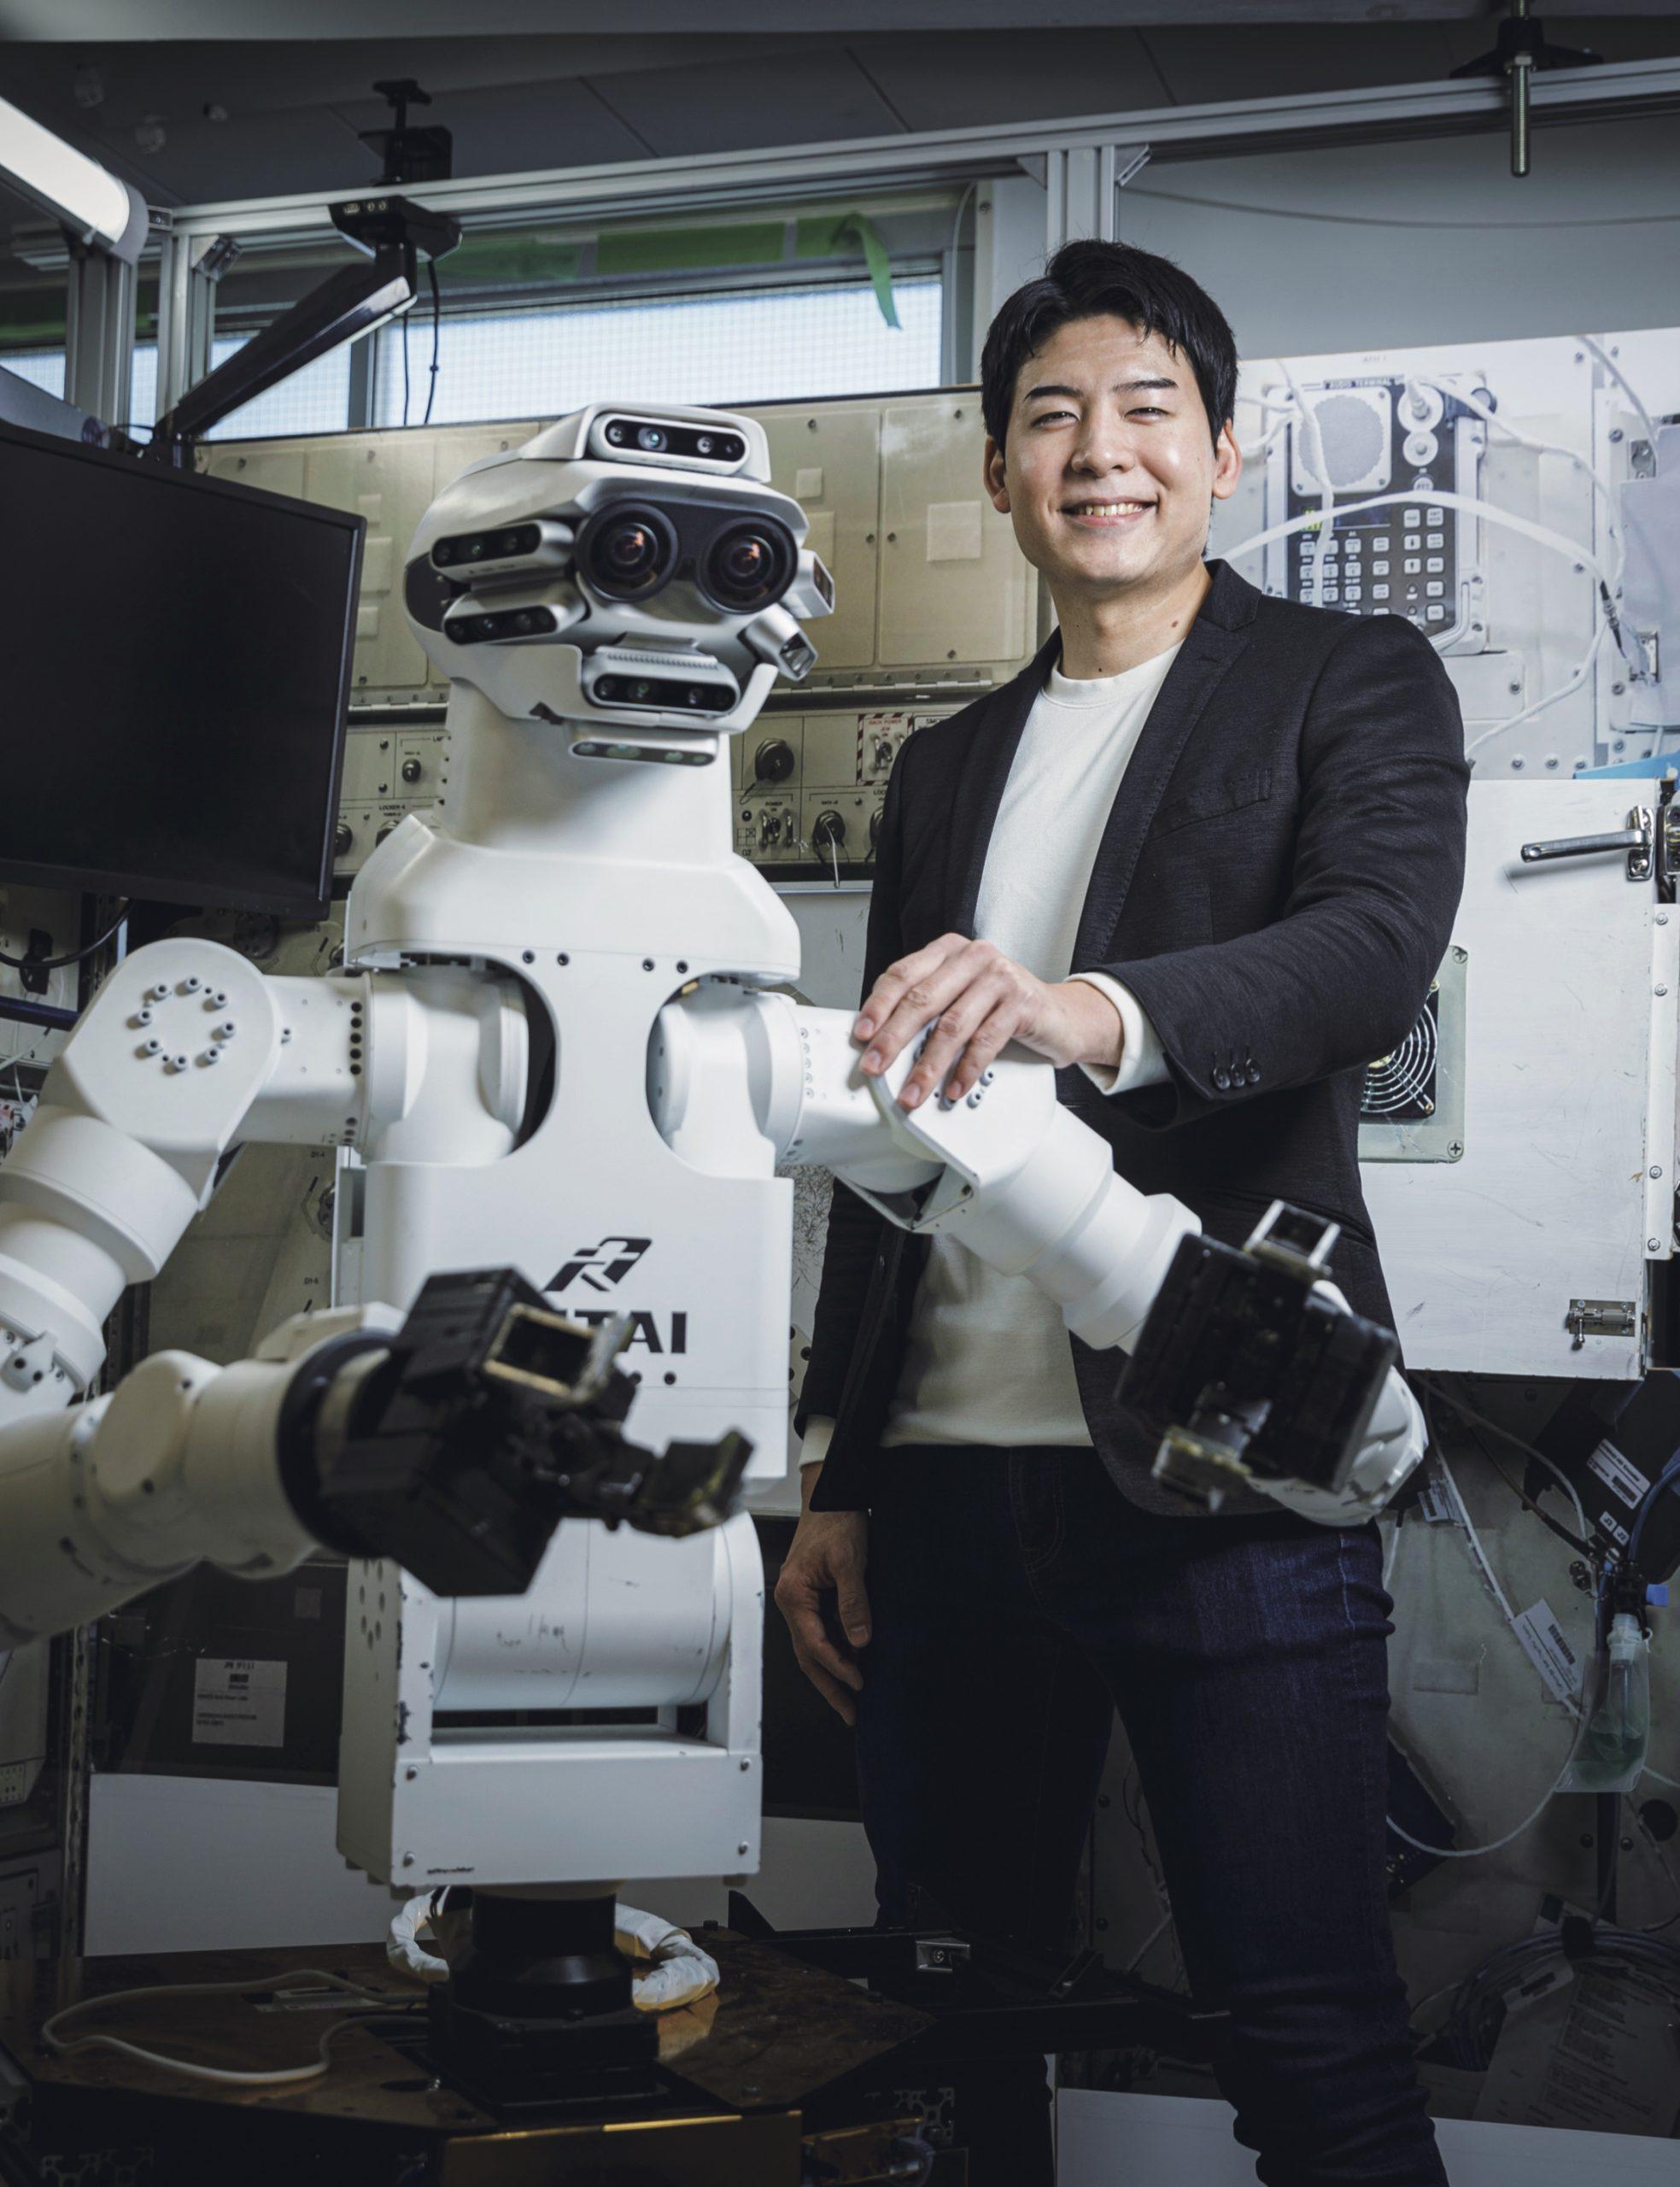 中ノ瀬 翔:火星の街をロボットが造る。宇宙ビジネス界の異端児